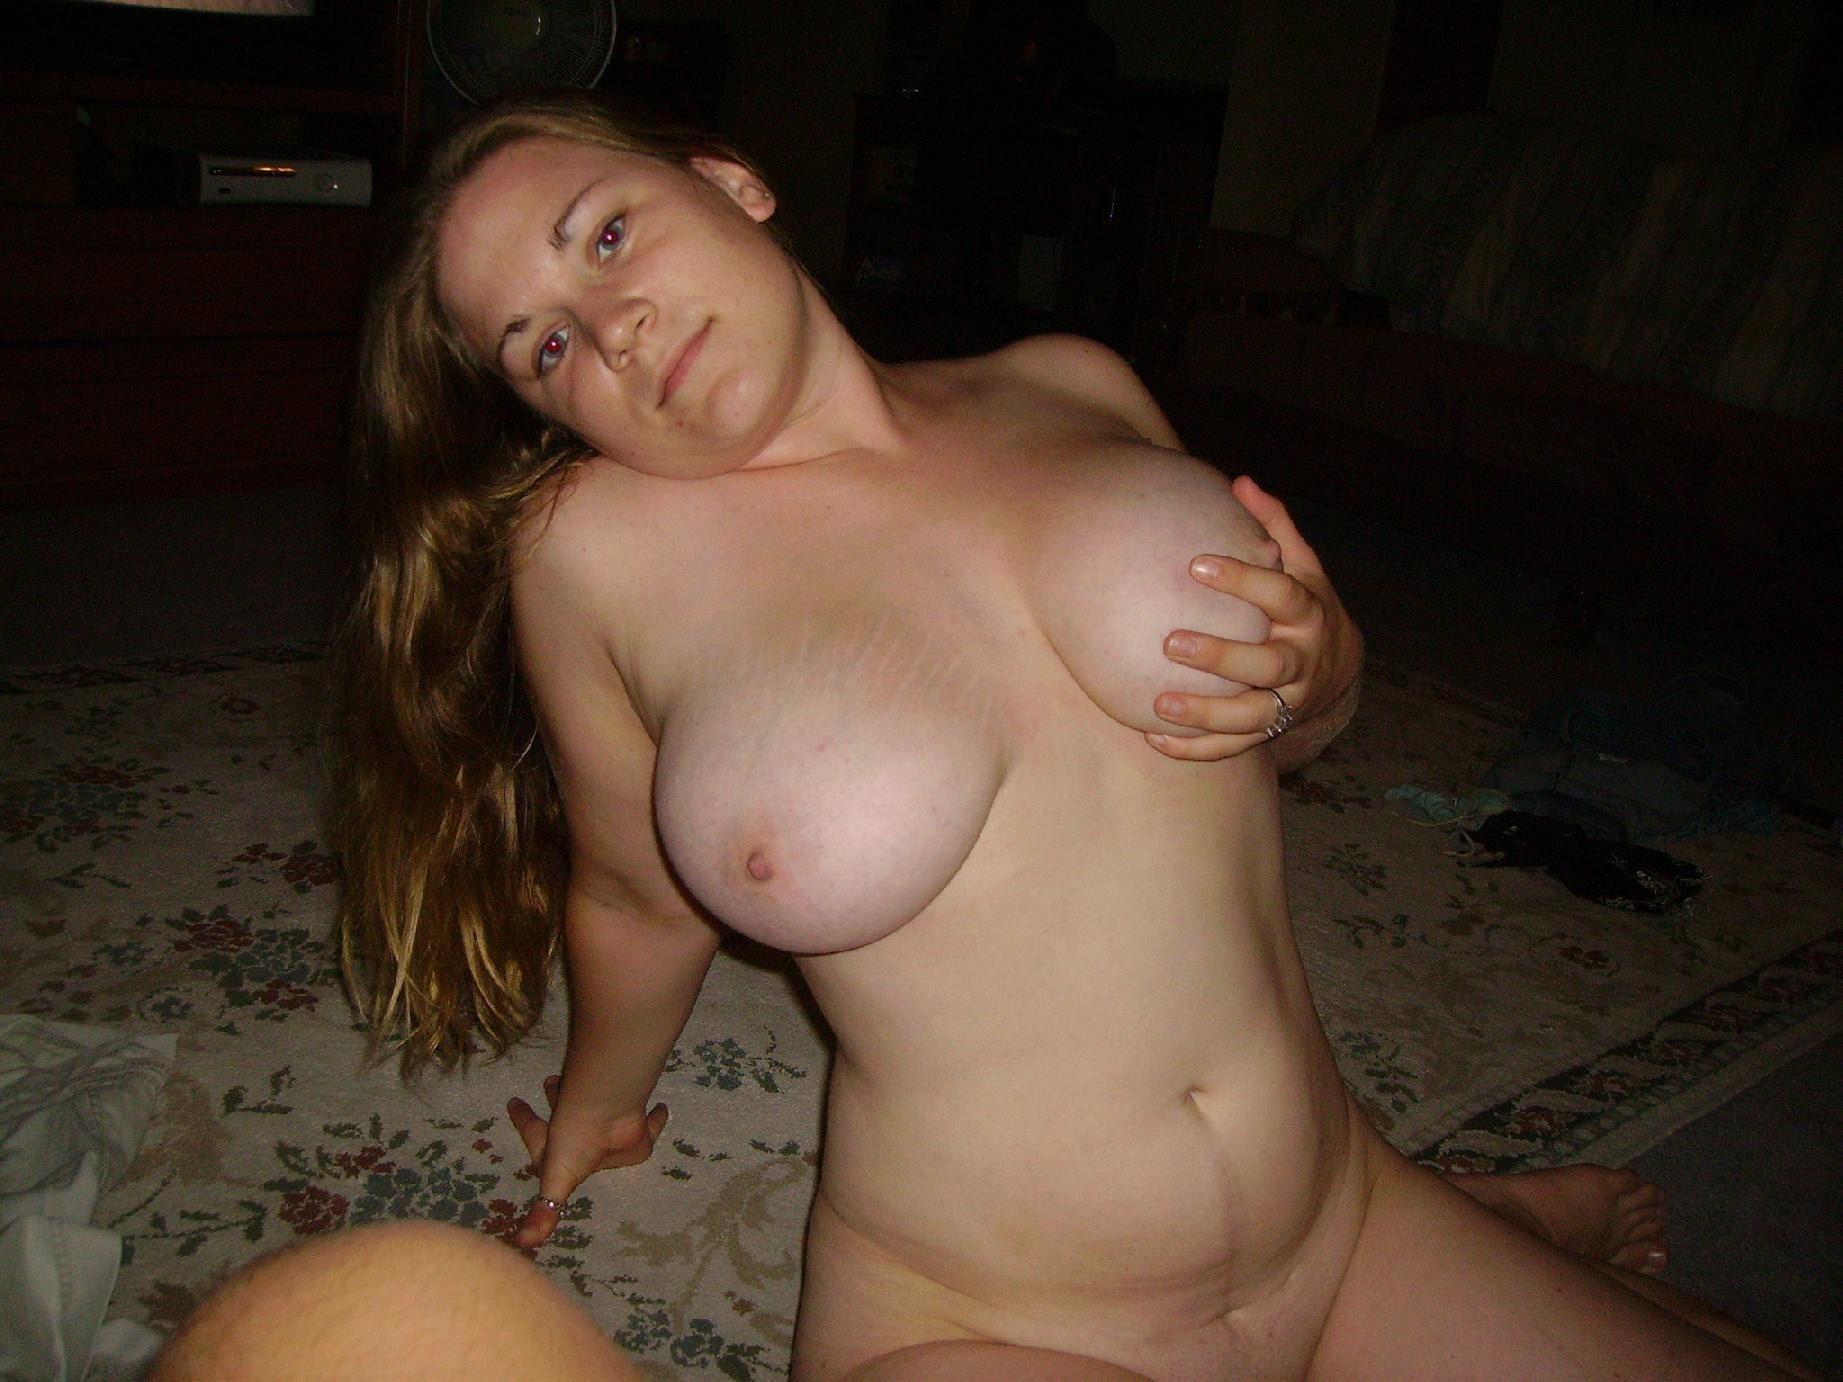 толстые большие сиськи частное фото эротика - 2